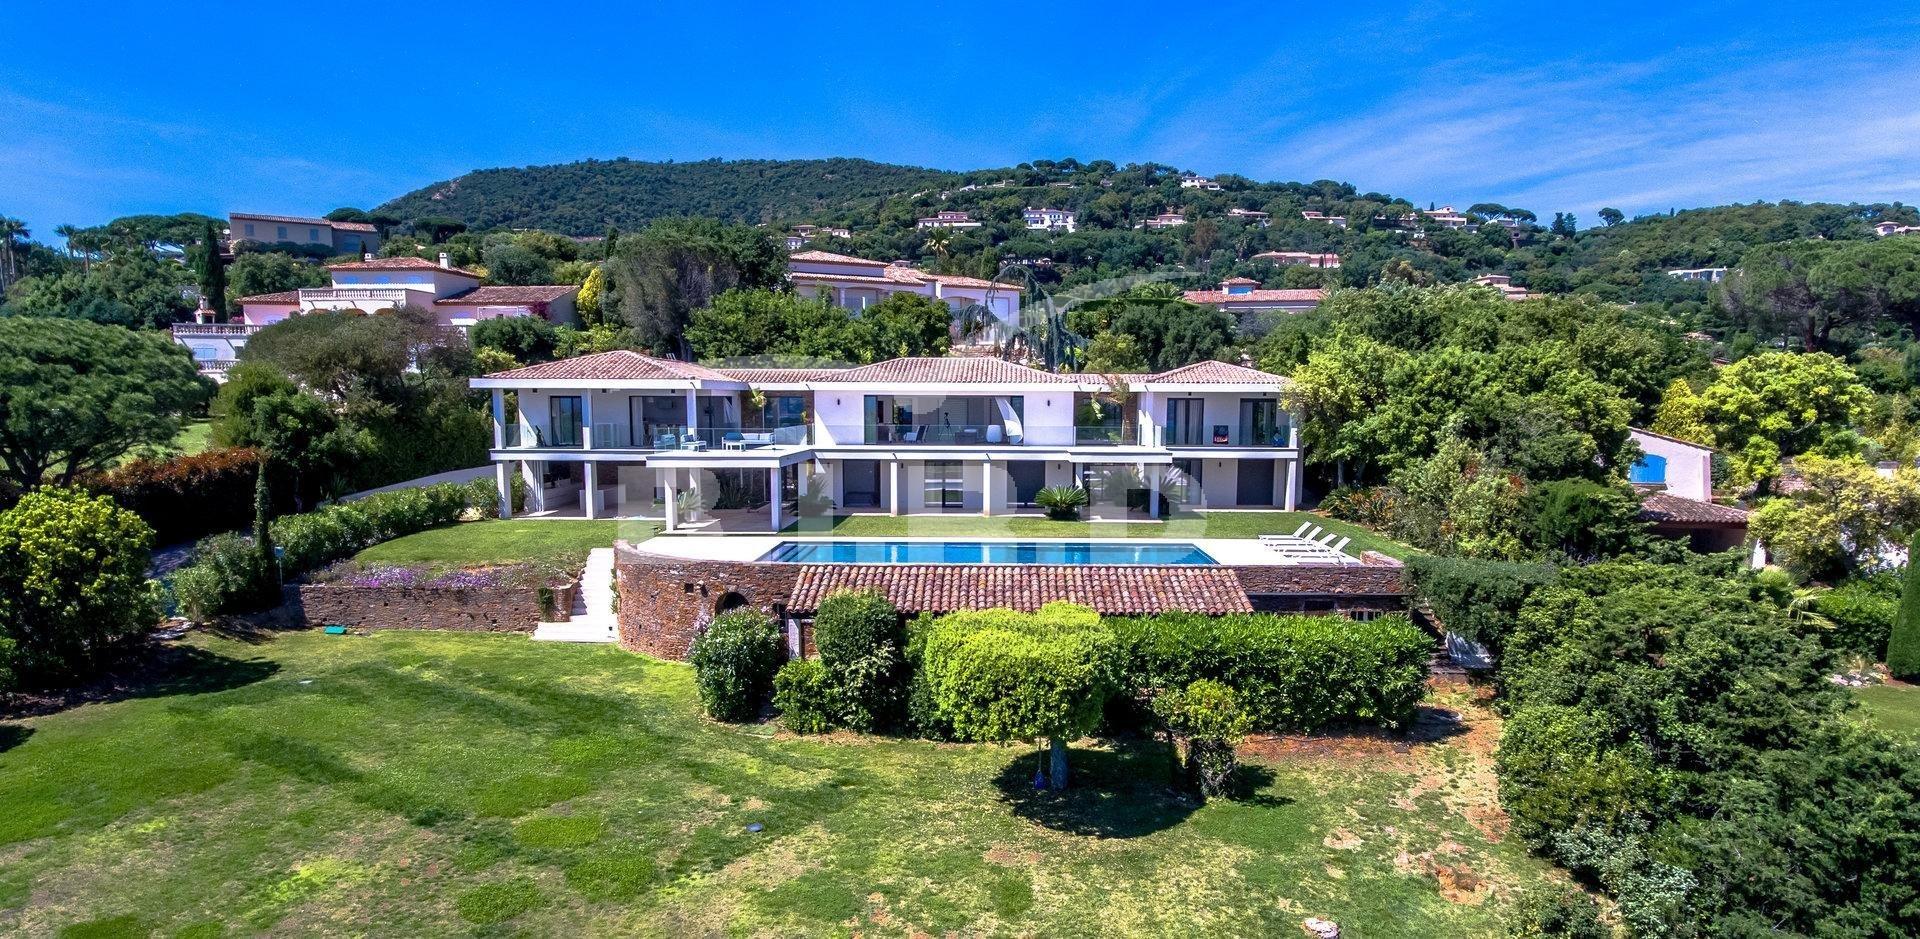 Villa in Grimaud, Provence-Alpes-Côte d'Azur, France 1 - 10864455